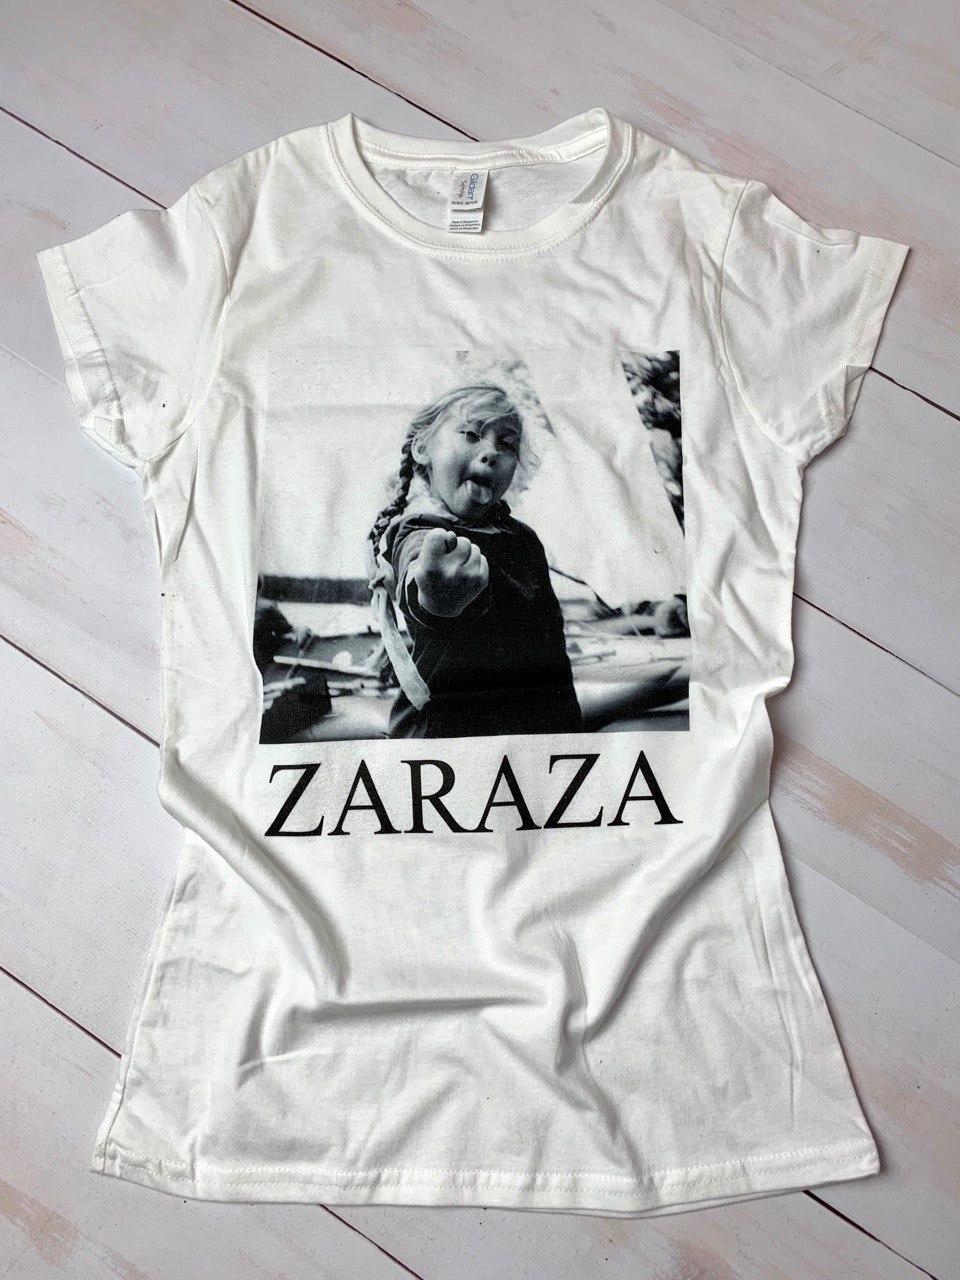 Футболка женская с принтом ZARAZA, цвет белый, размер S.